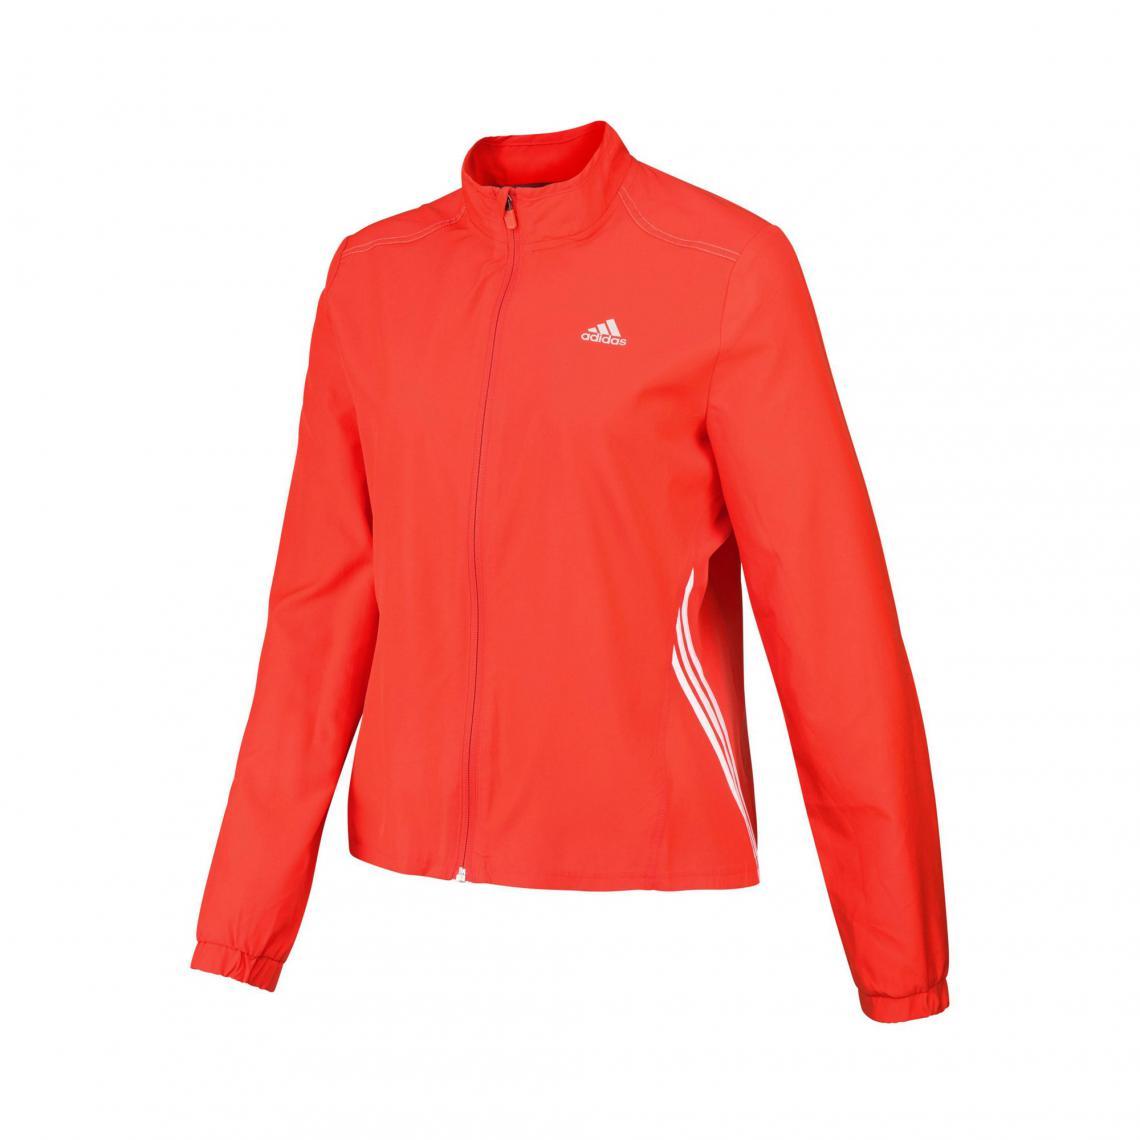 Veste running femme zippée Climalite adidas Performance Orange 1 Avis Plus de détails